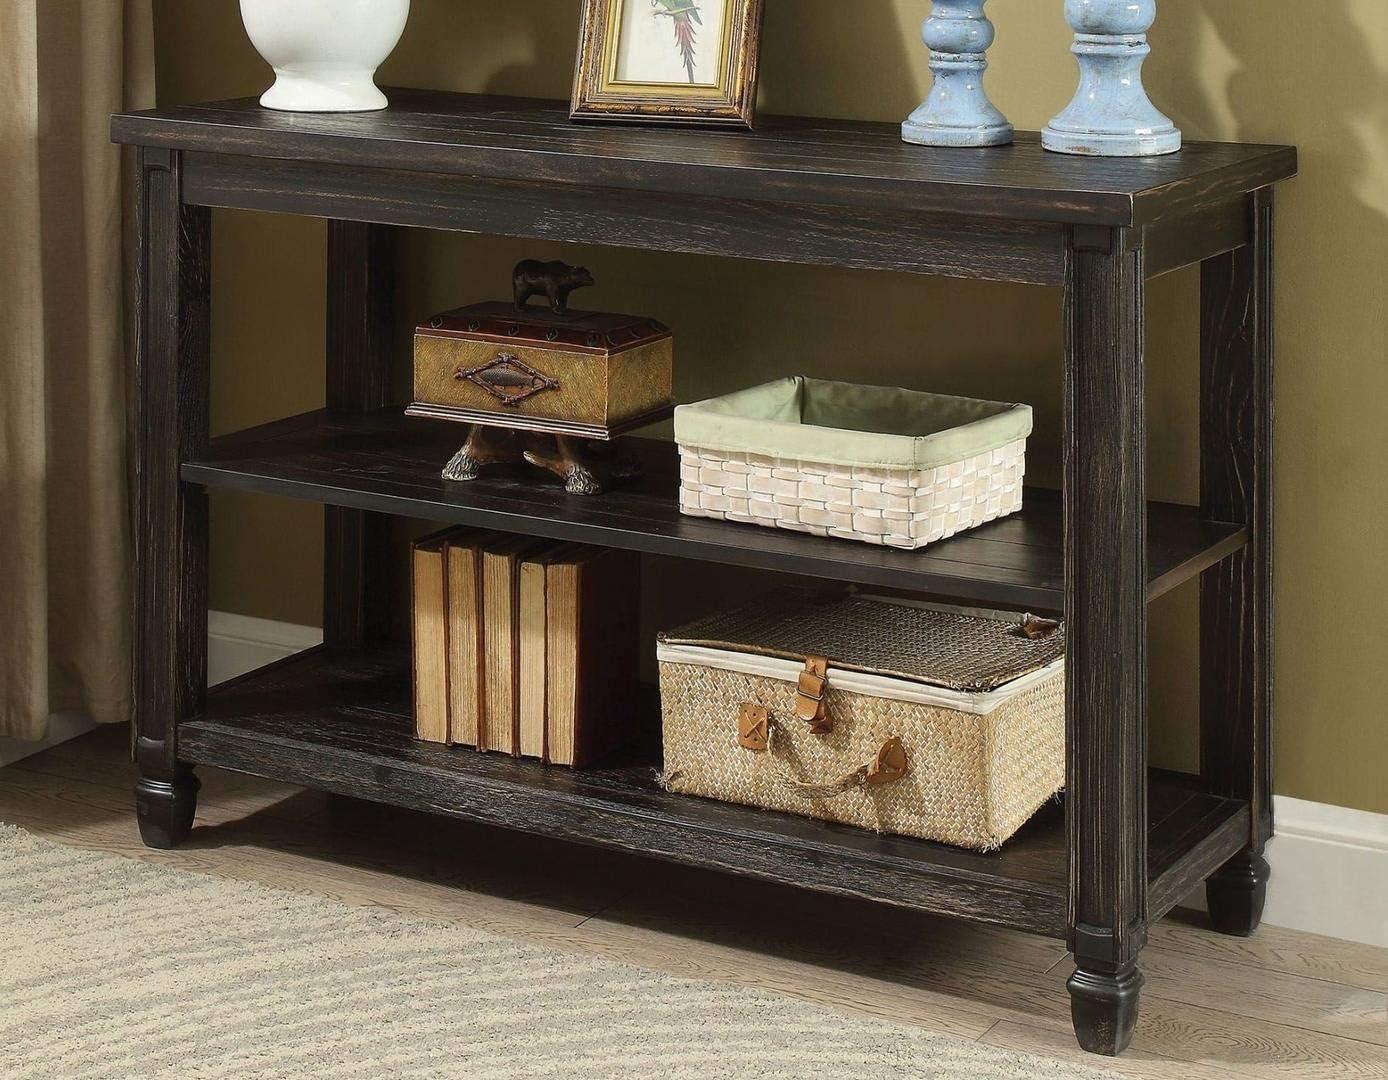 Furniture of America Sofa Table, Antique Black